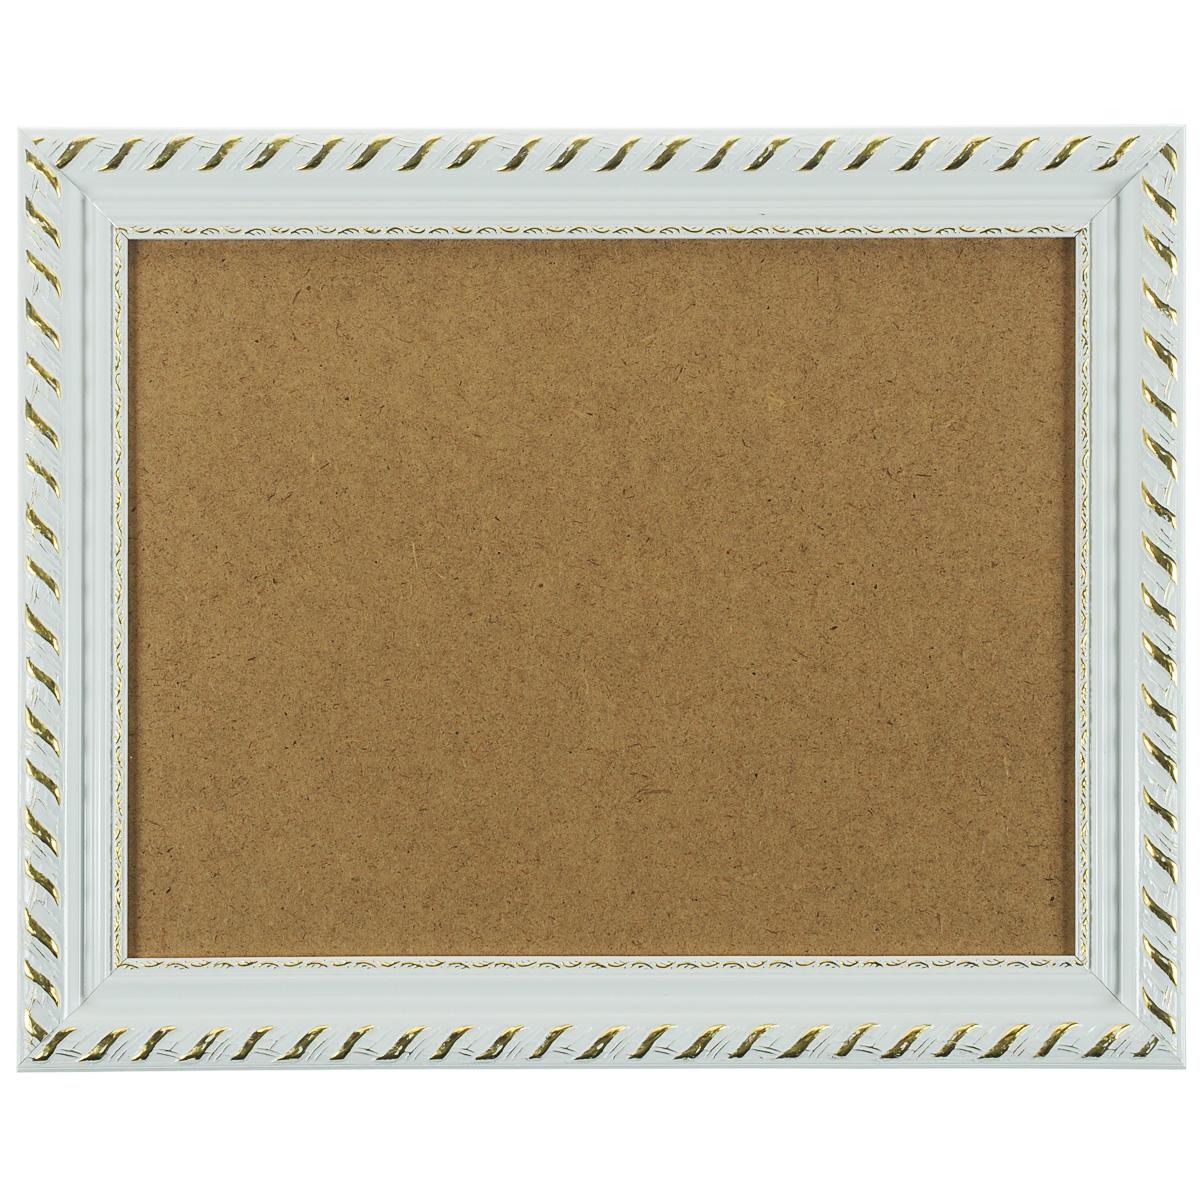 Багетная рама Kleopatra, цвет: белый, 30 х 40 см 1595-BL103235Багетная рама Kleopatra изготовлена из дерева. Багетные рамы предназначены для оформления картин, вышивок и фотографий.Оформленное изделие всегда становится более выразительным и гармоничным. Подбор багета для картин очень важен - от этого зависит, какое значение будет иметь выполненная работа в вашем интерьере. Если вы используете раму для оформления живописи на холсте, следует учесть, что толщина подрамника больше толщины рамы и сзади будет выступать, рекомендуется дополнительно зафиксировать картину клеем, лист-заглушку в этом случае не вставляют. В комплекте - крепежные элементы, с помощью которых изделие можно подвесить на стену и задник. Размер картины: 30 см х 40 см.Размер рамы: 38 см х 48 см х 2 см.